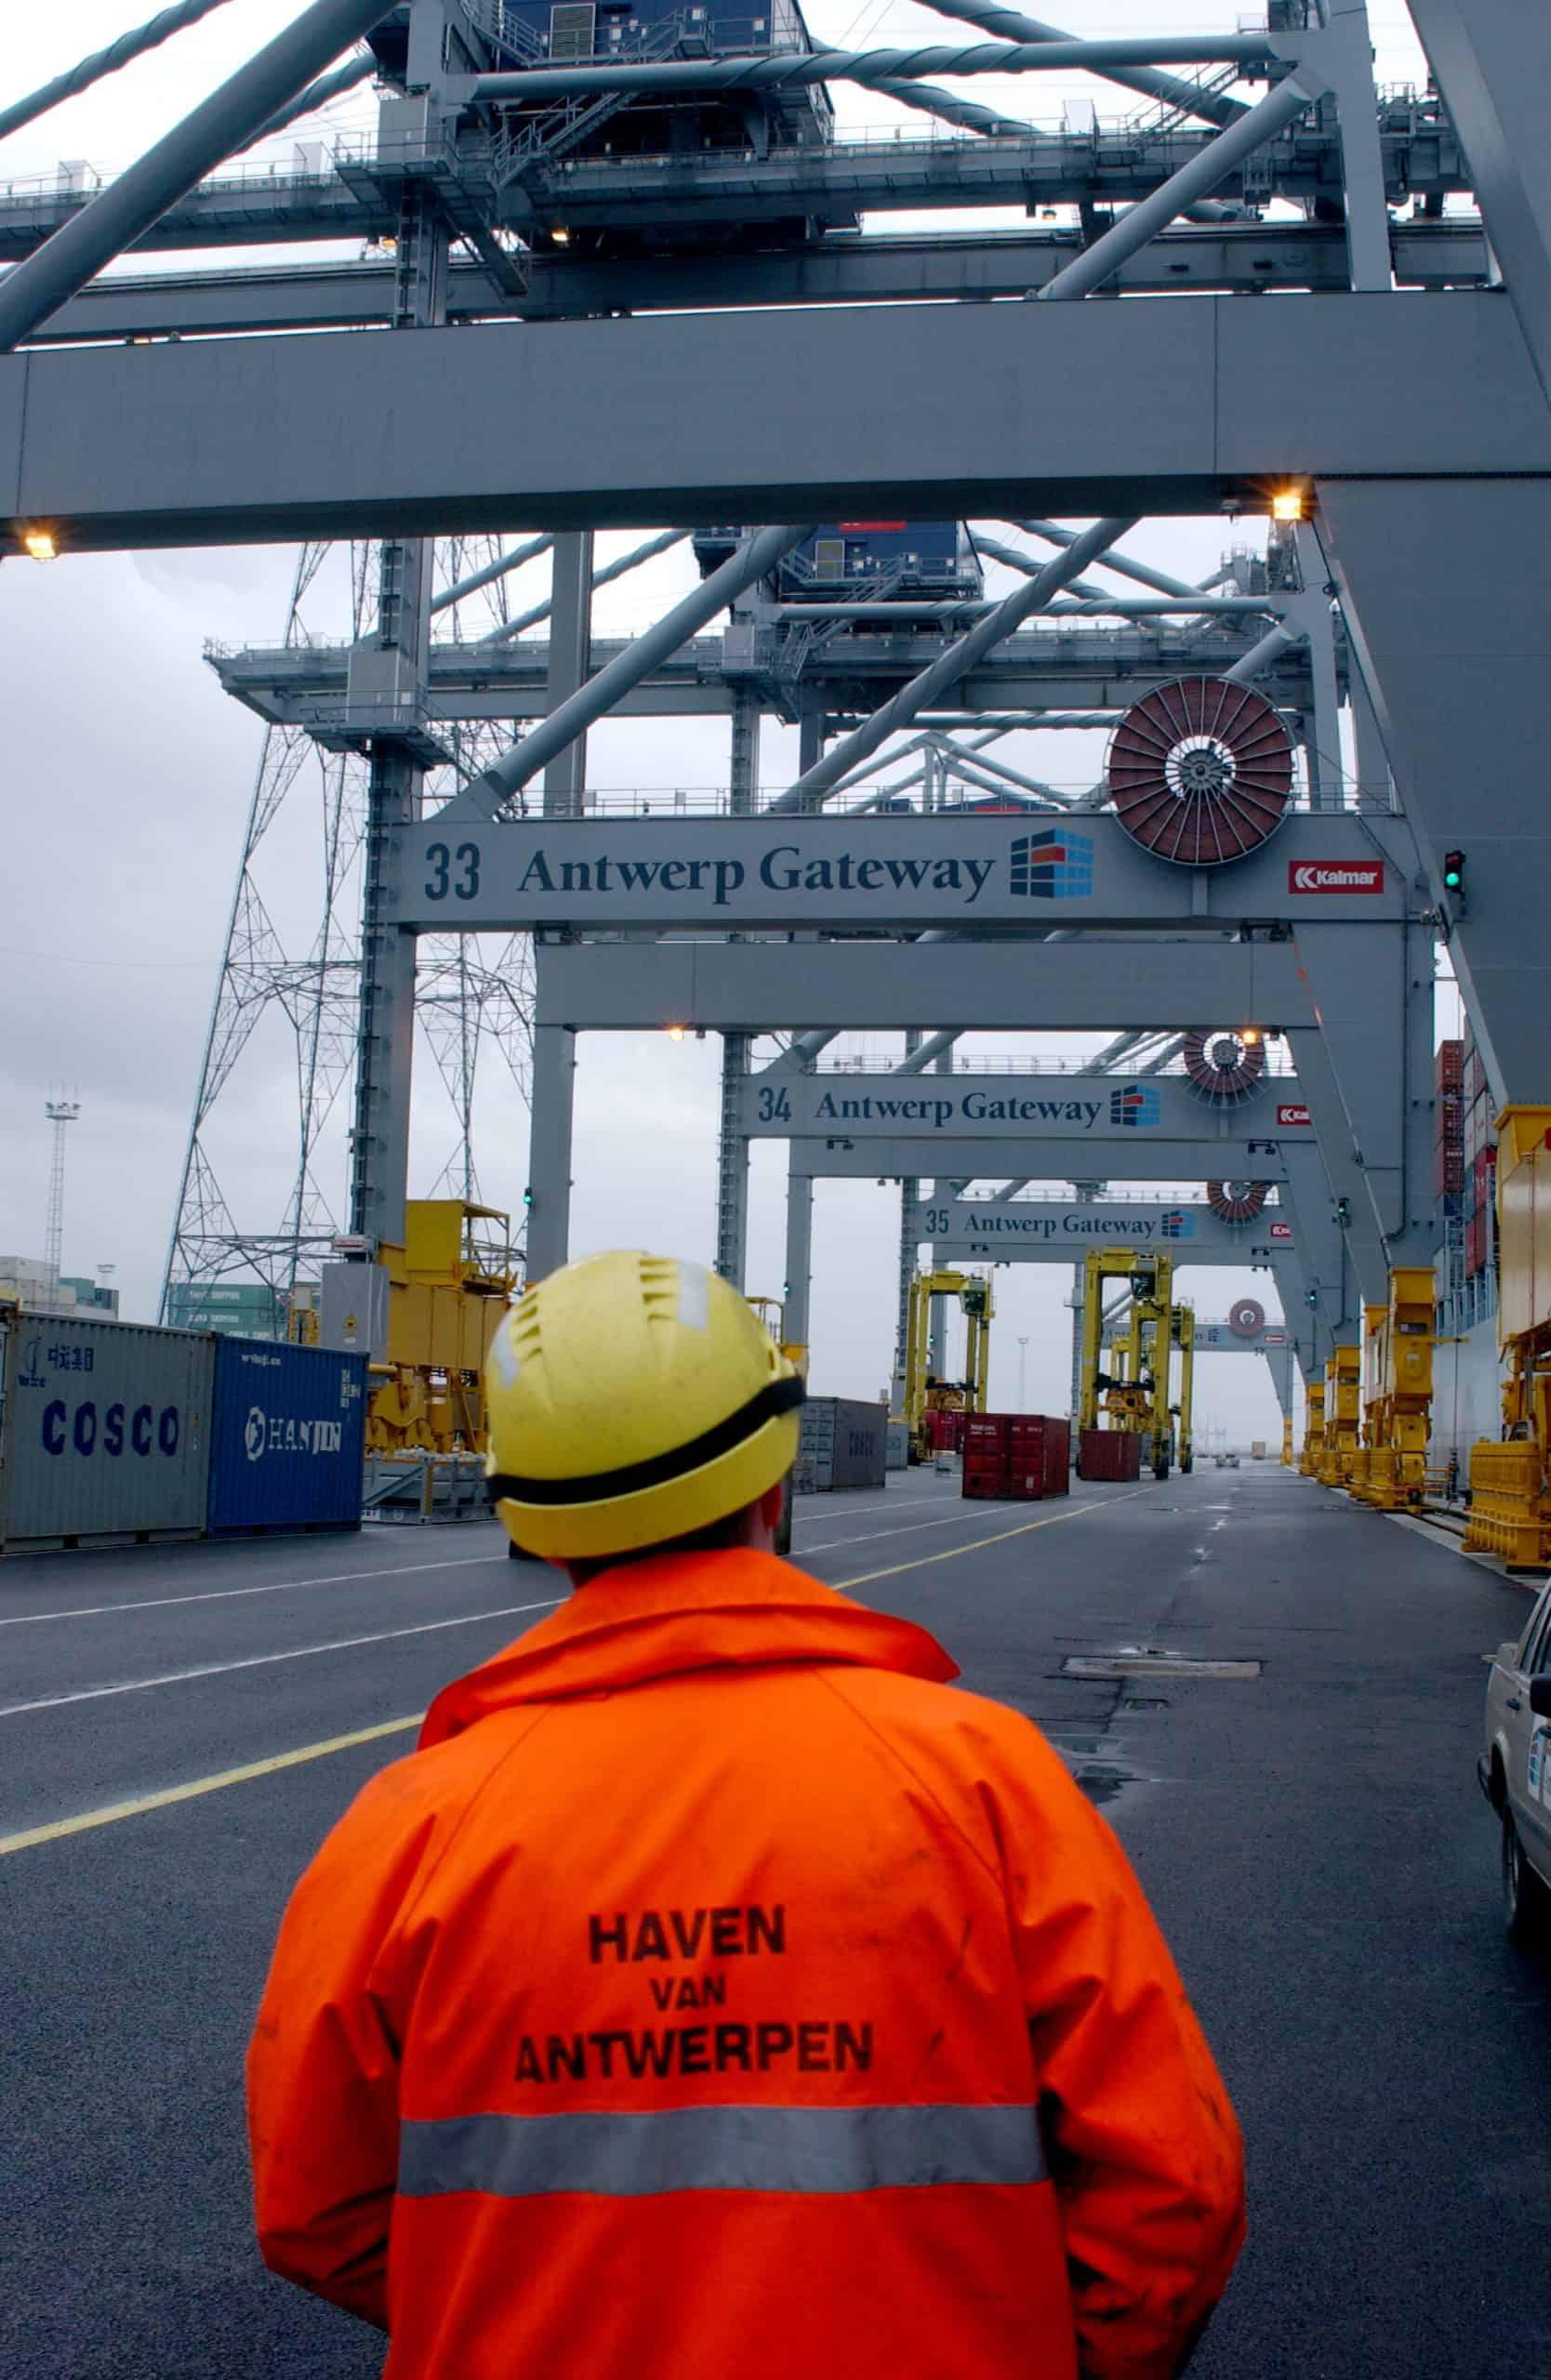 General strike in Belgium hits ports including Antwerp